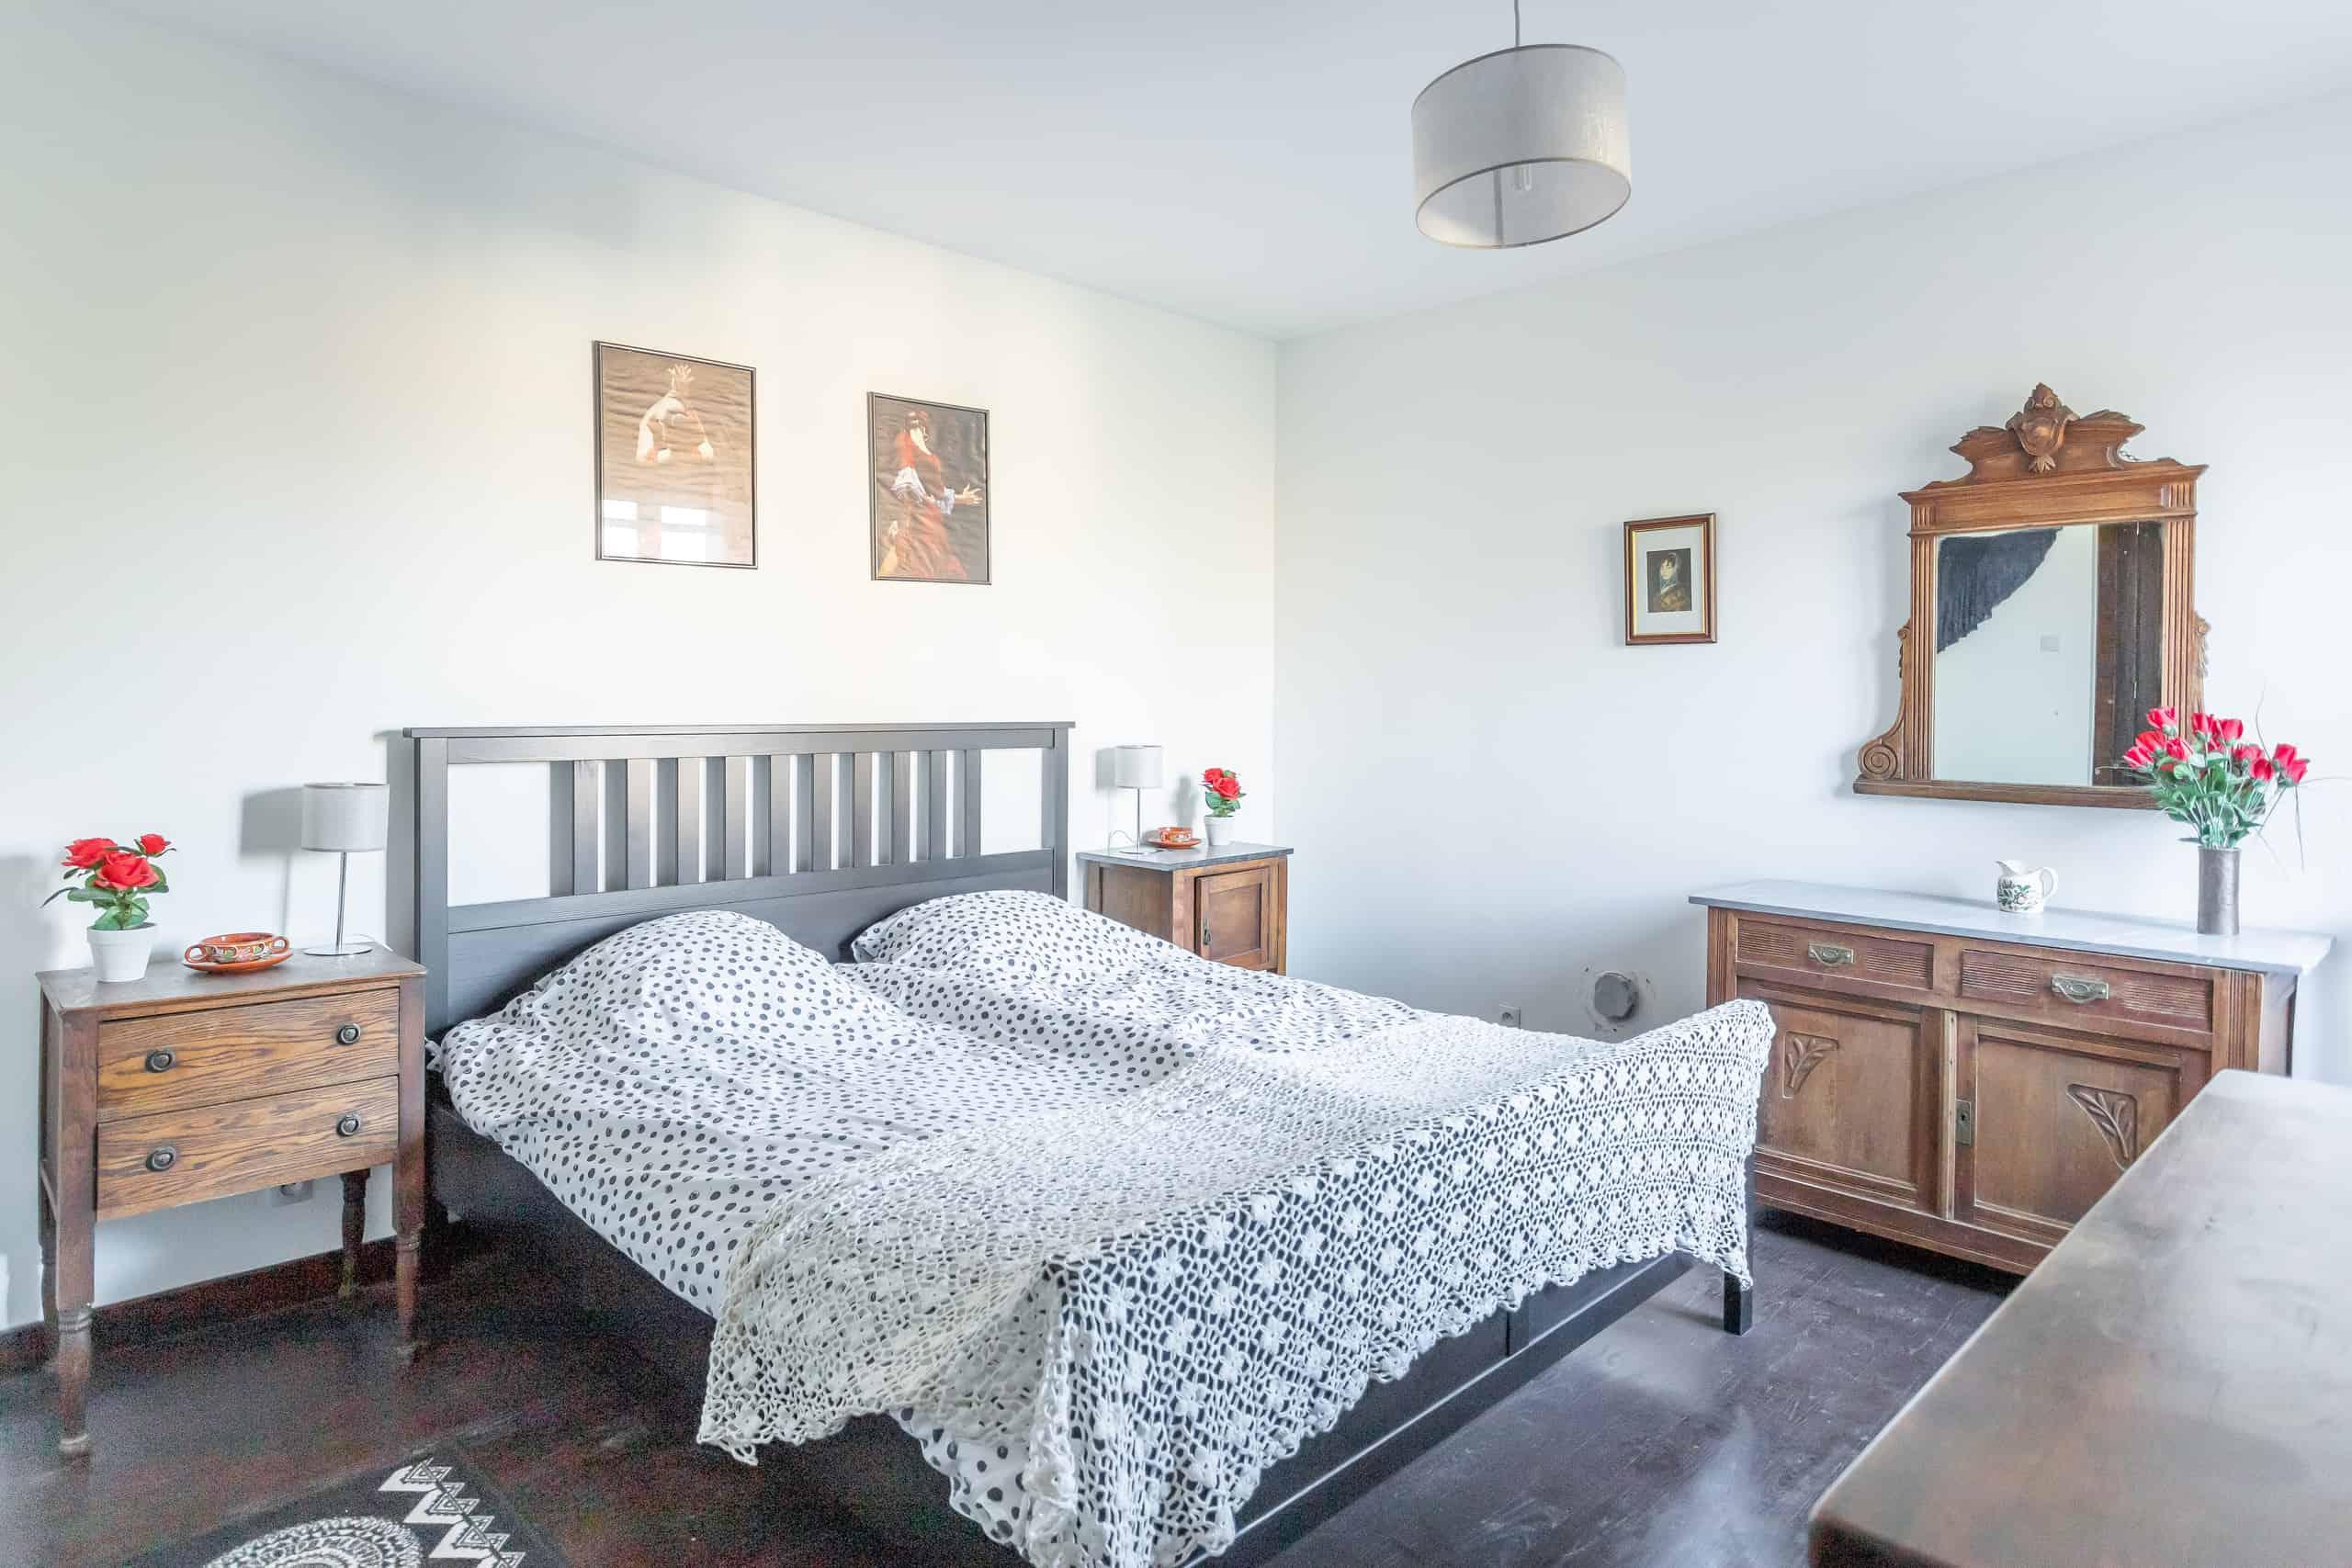 Bedroom-Bed-WMC027